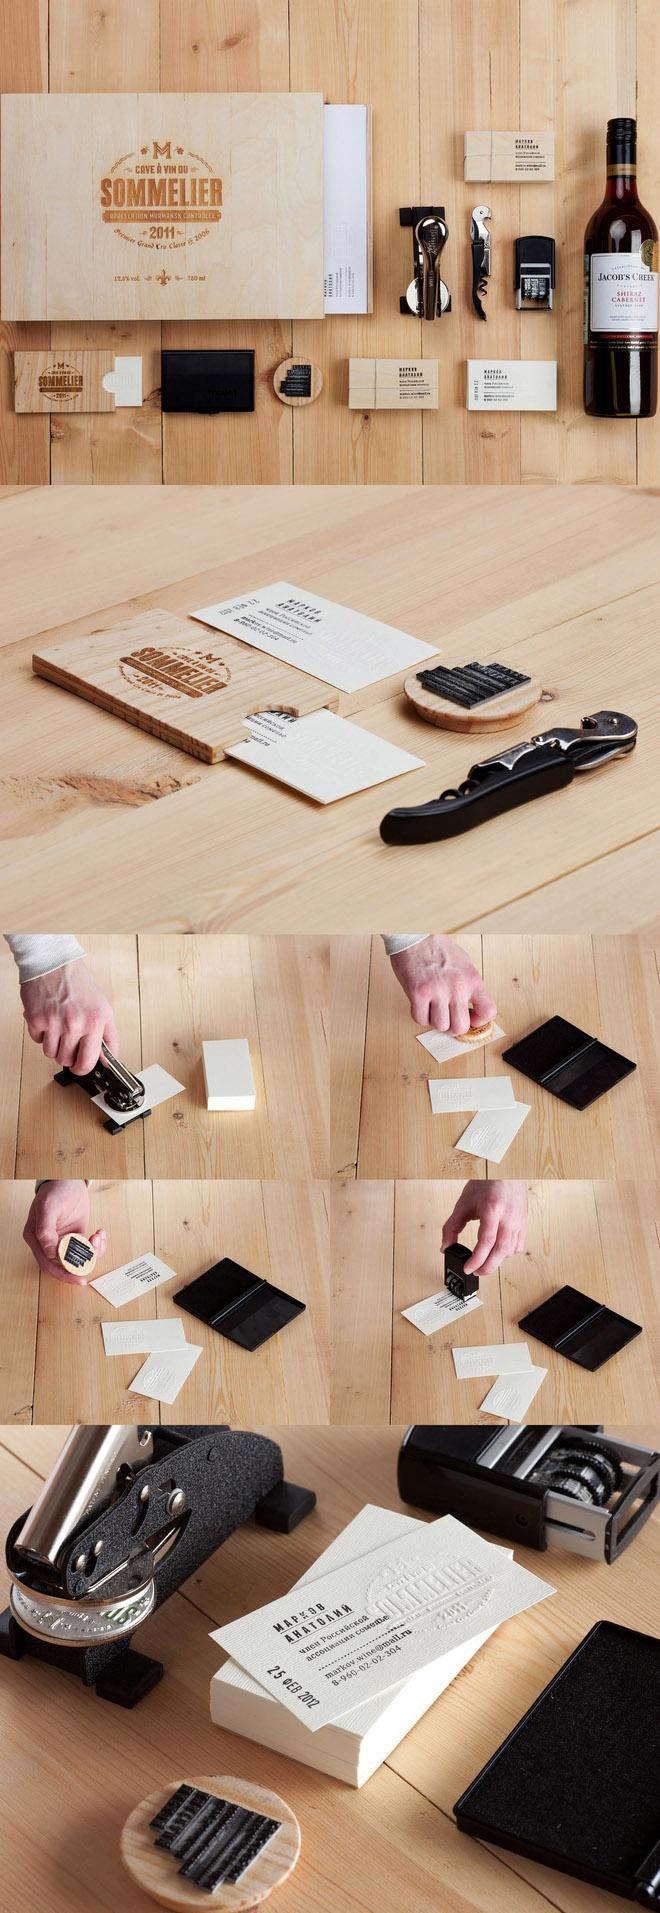 kreatif kurumsal tasarımlar (24)